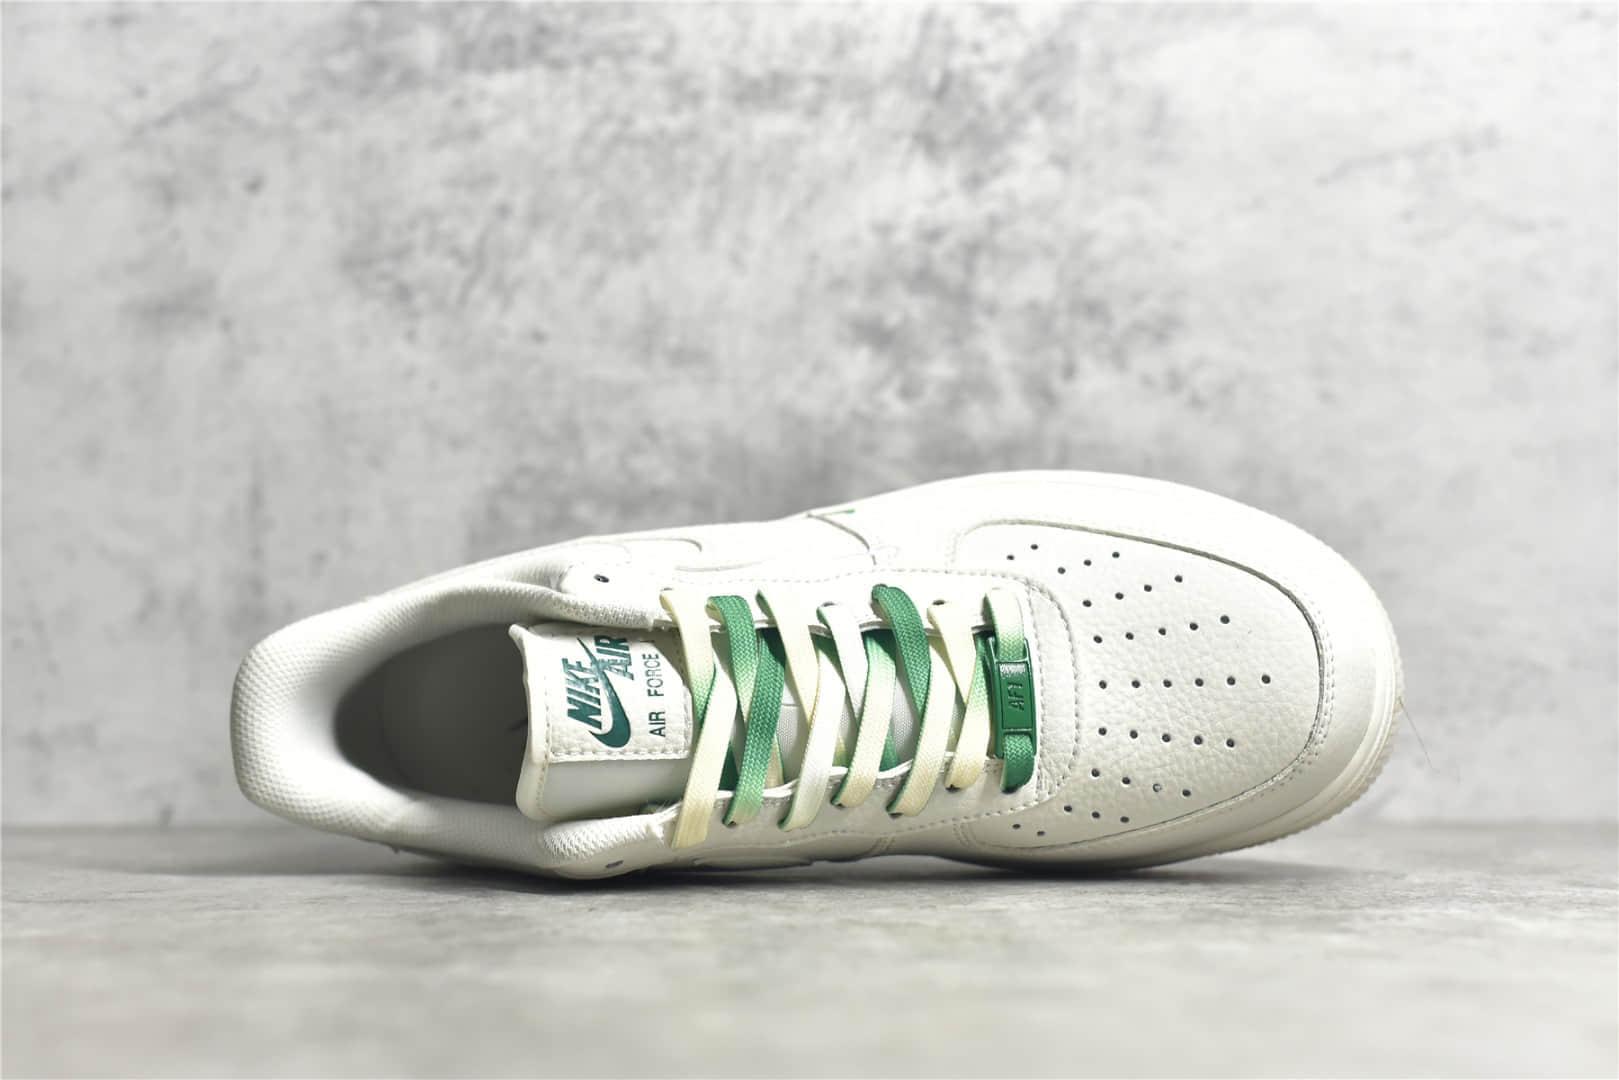 耐克空军米白绿波士顿城市限定 Nike Air Force 1 Low 07 耐克空军限定款 耐克空军白绿低帮 货号:BO6638-160-潮流者之家